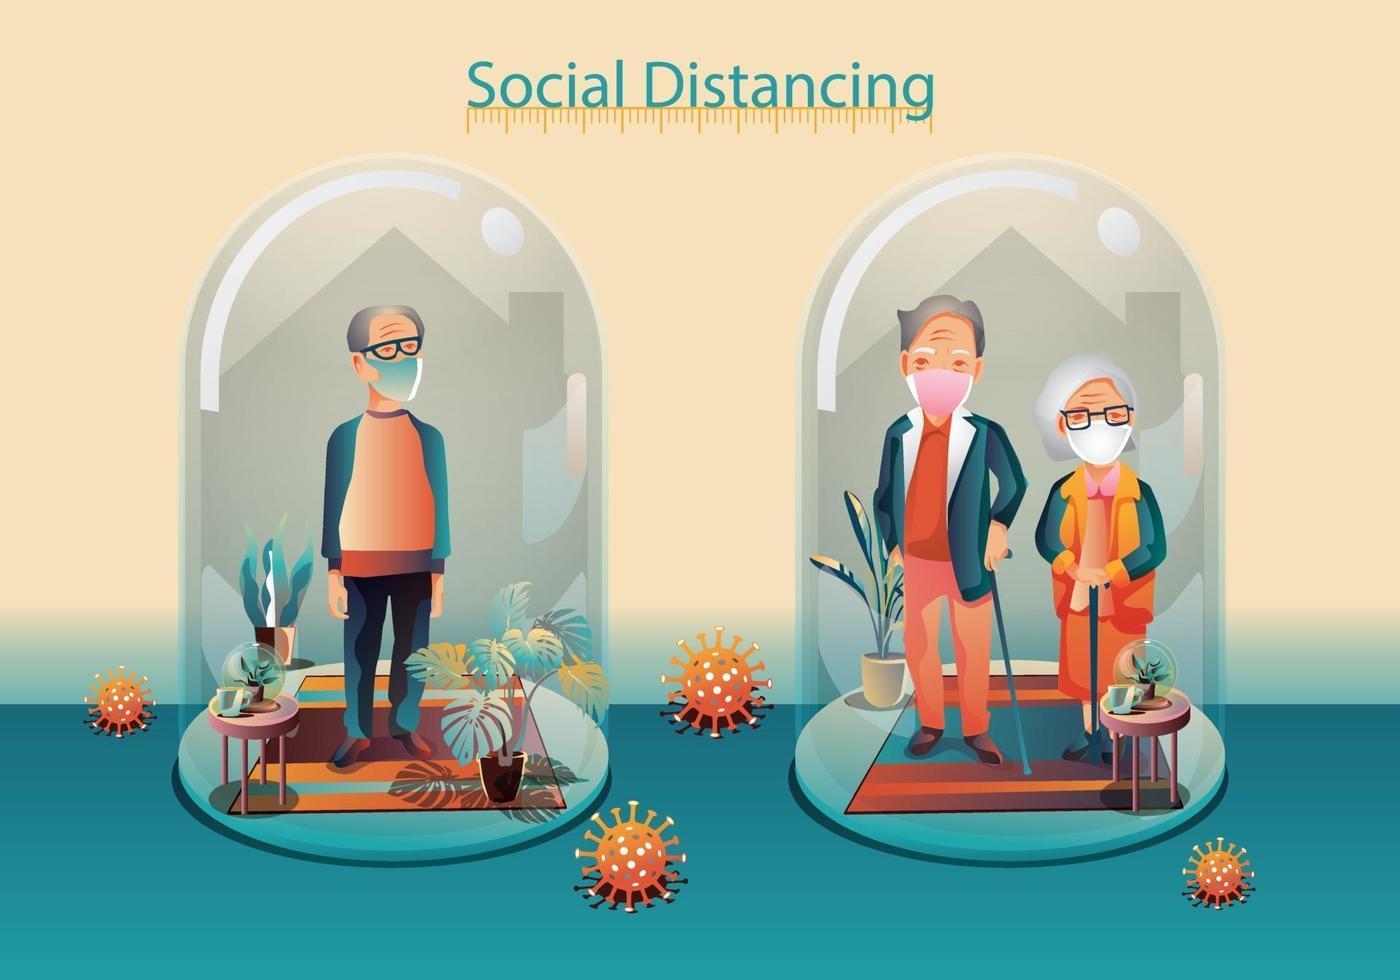 distanciamento social, idosos mantêm distância e evitam contato físico, usando máscara médica protetora cirúrgica, aperto de mão ou toque de mão para se proteger do conceito de disseminação do coronavírus covid-19 vetor